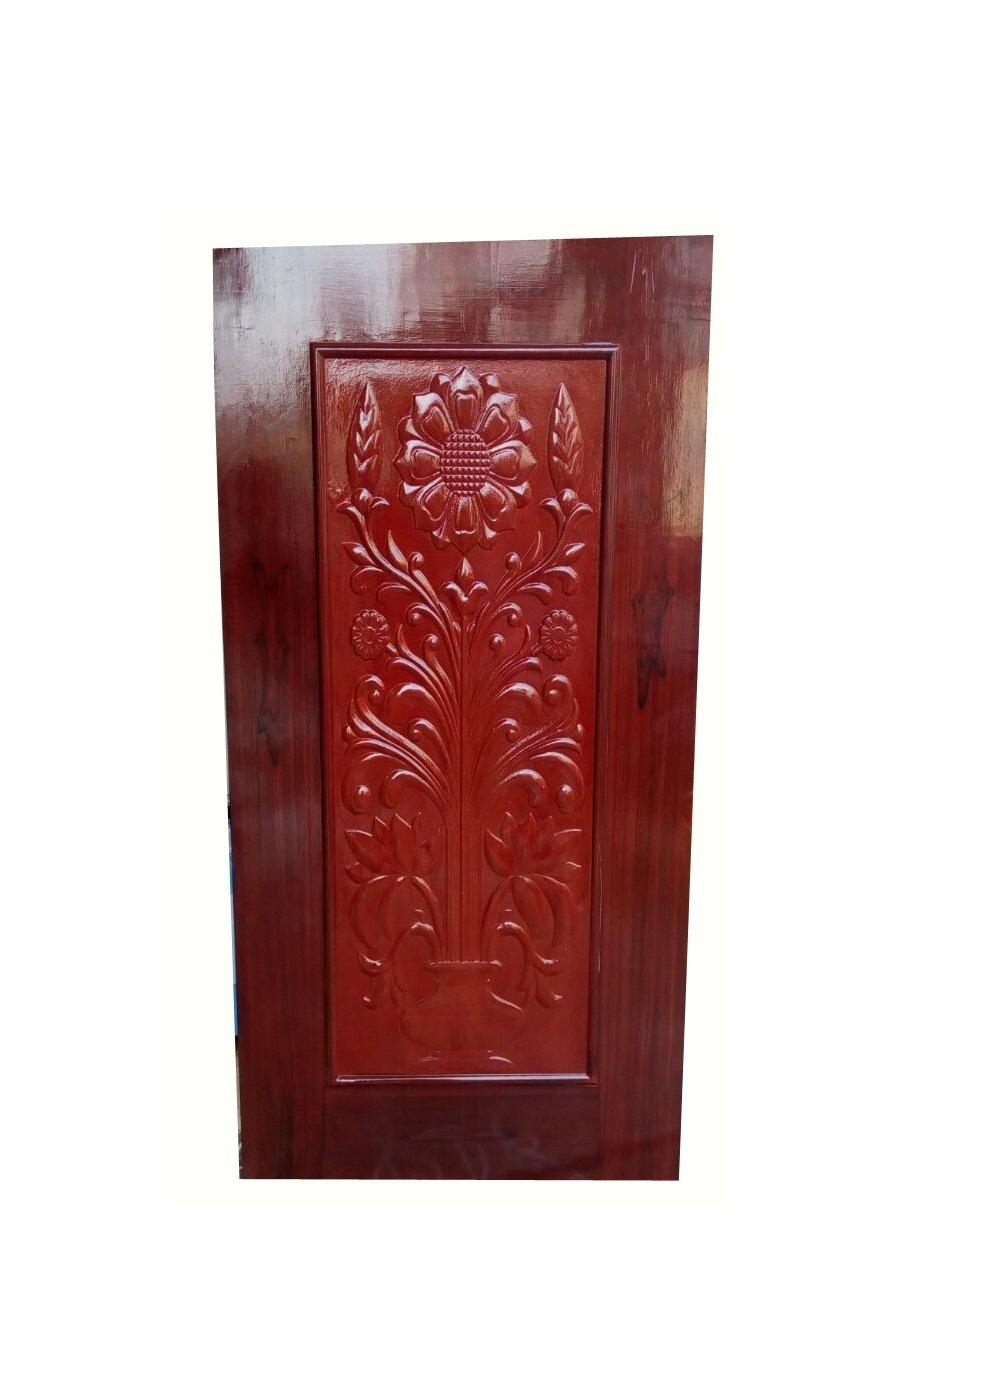 Buy The Darwaaza Wooden Exterior Door With Flower Design For